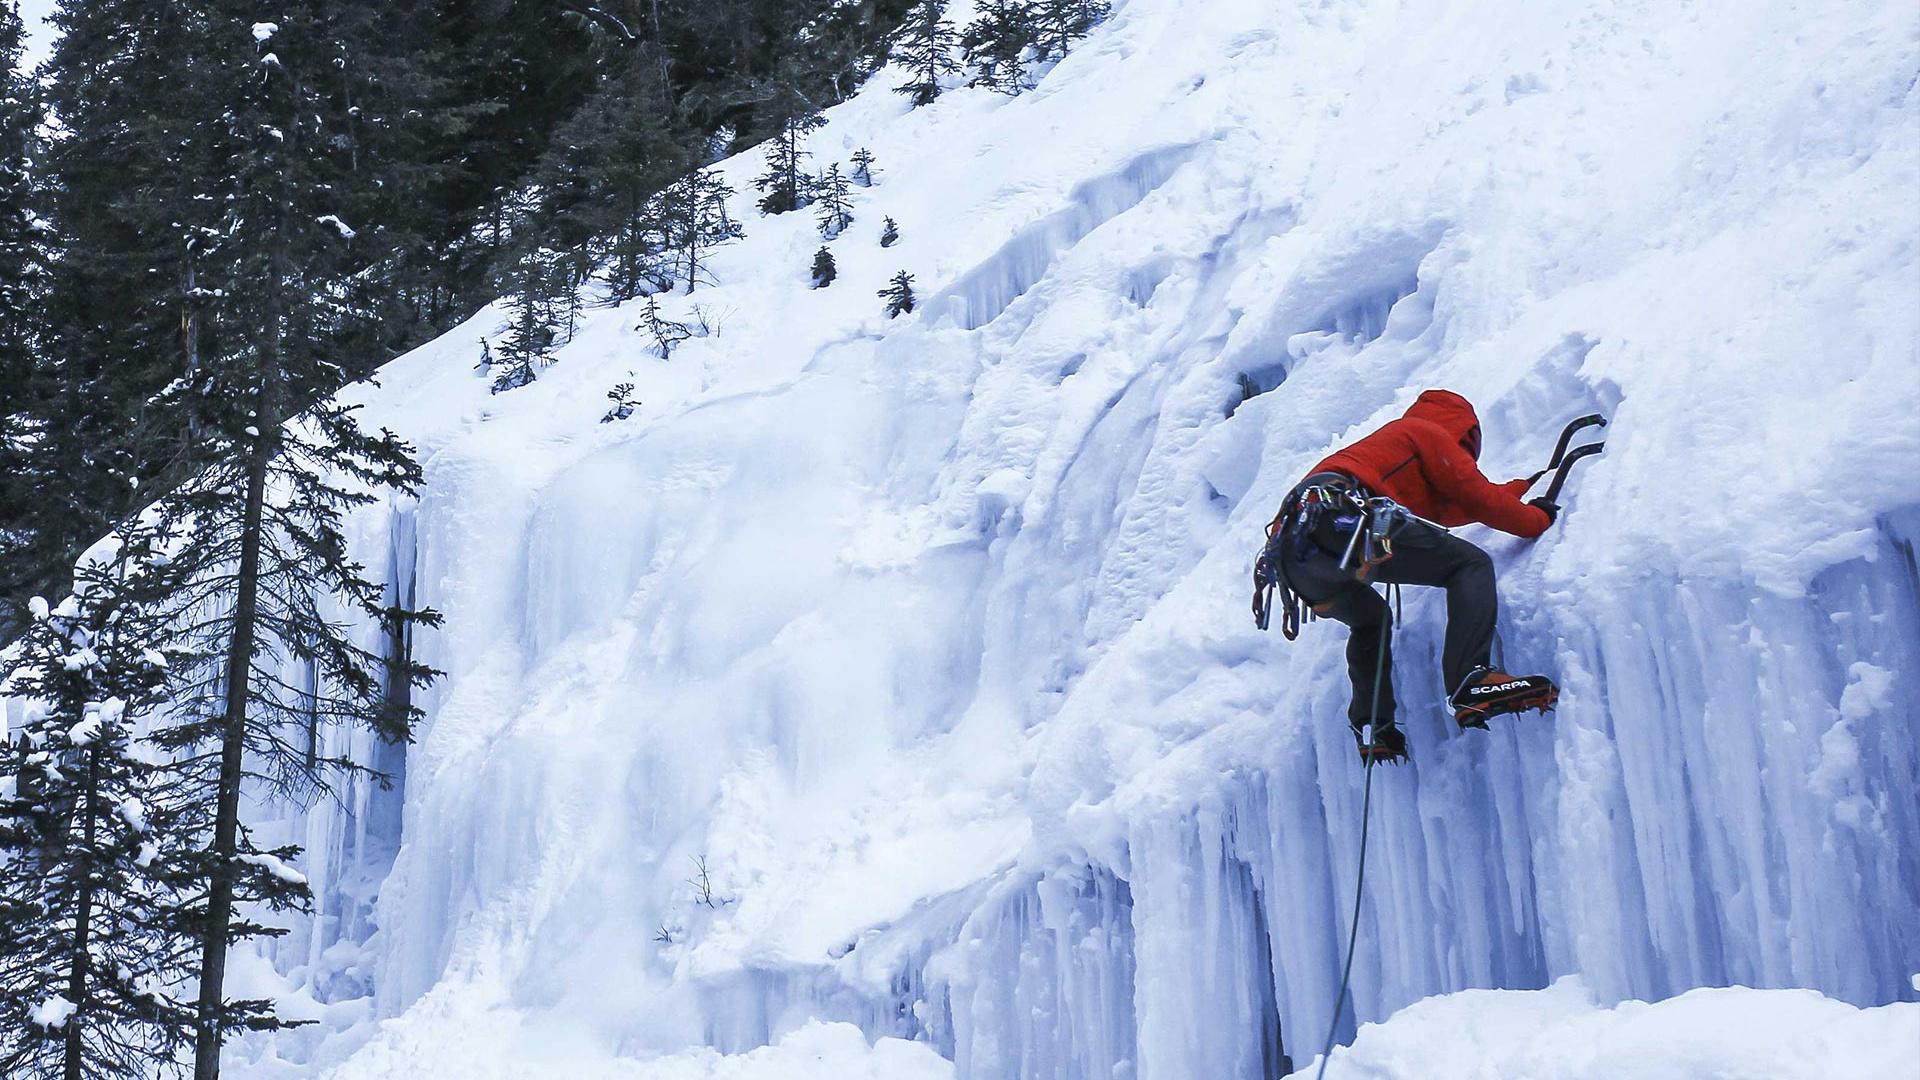 Ice climbing in Alberta, Canada